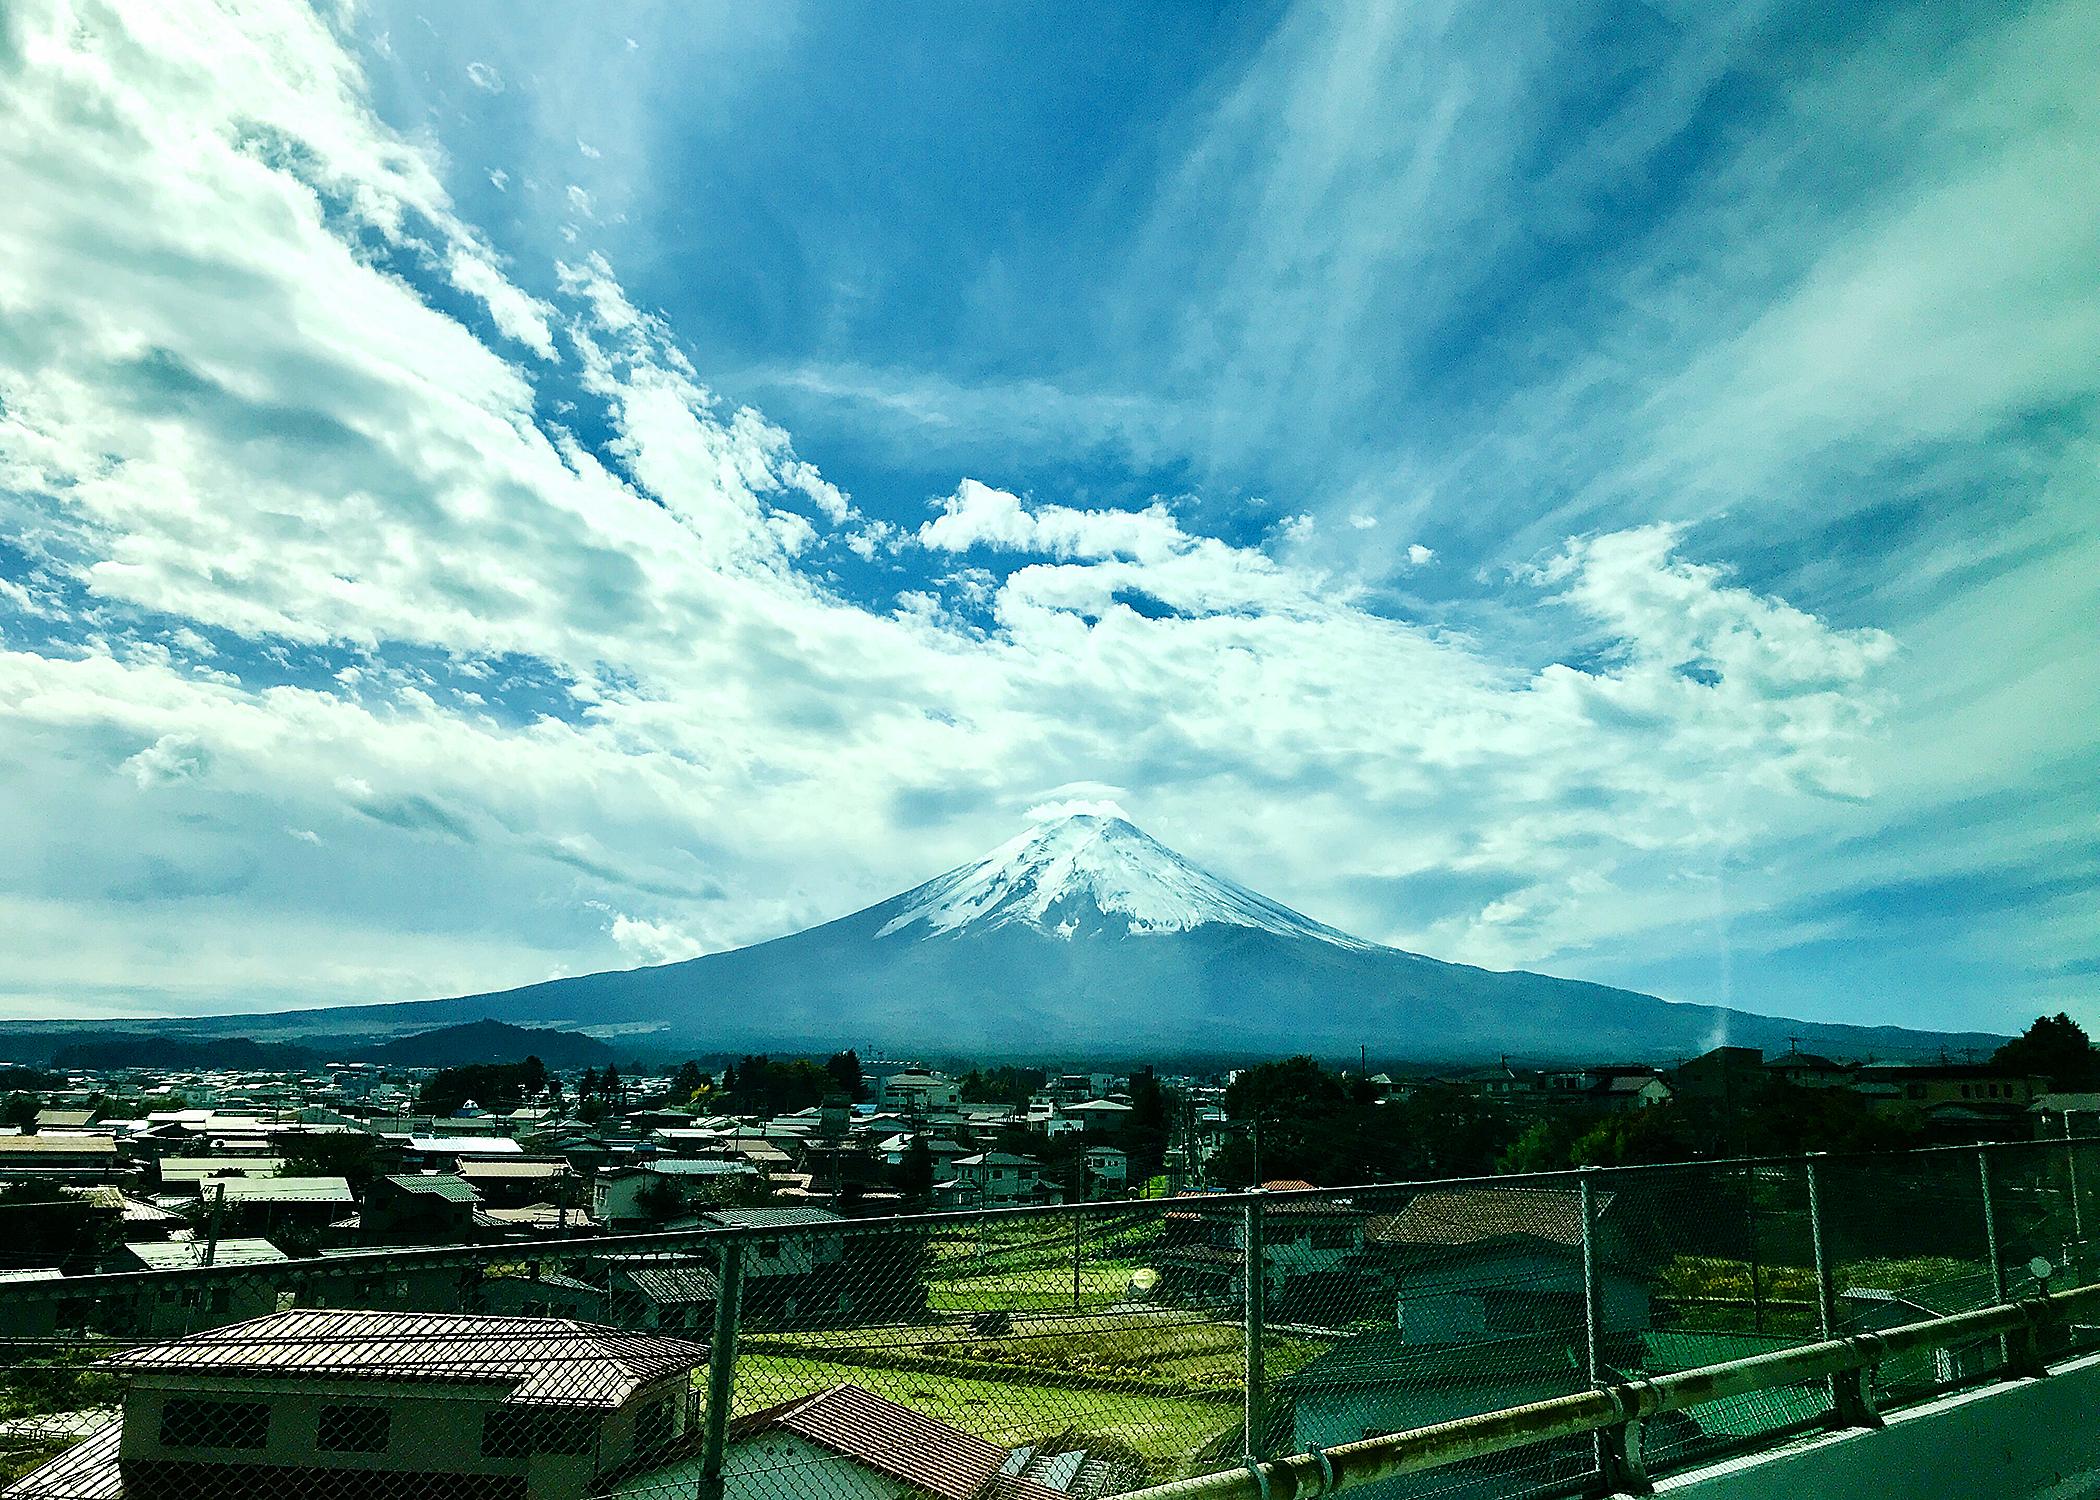 01_5916_japan_MtFuji_bus.jpg